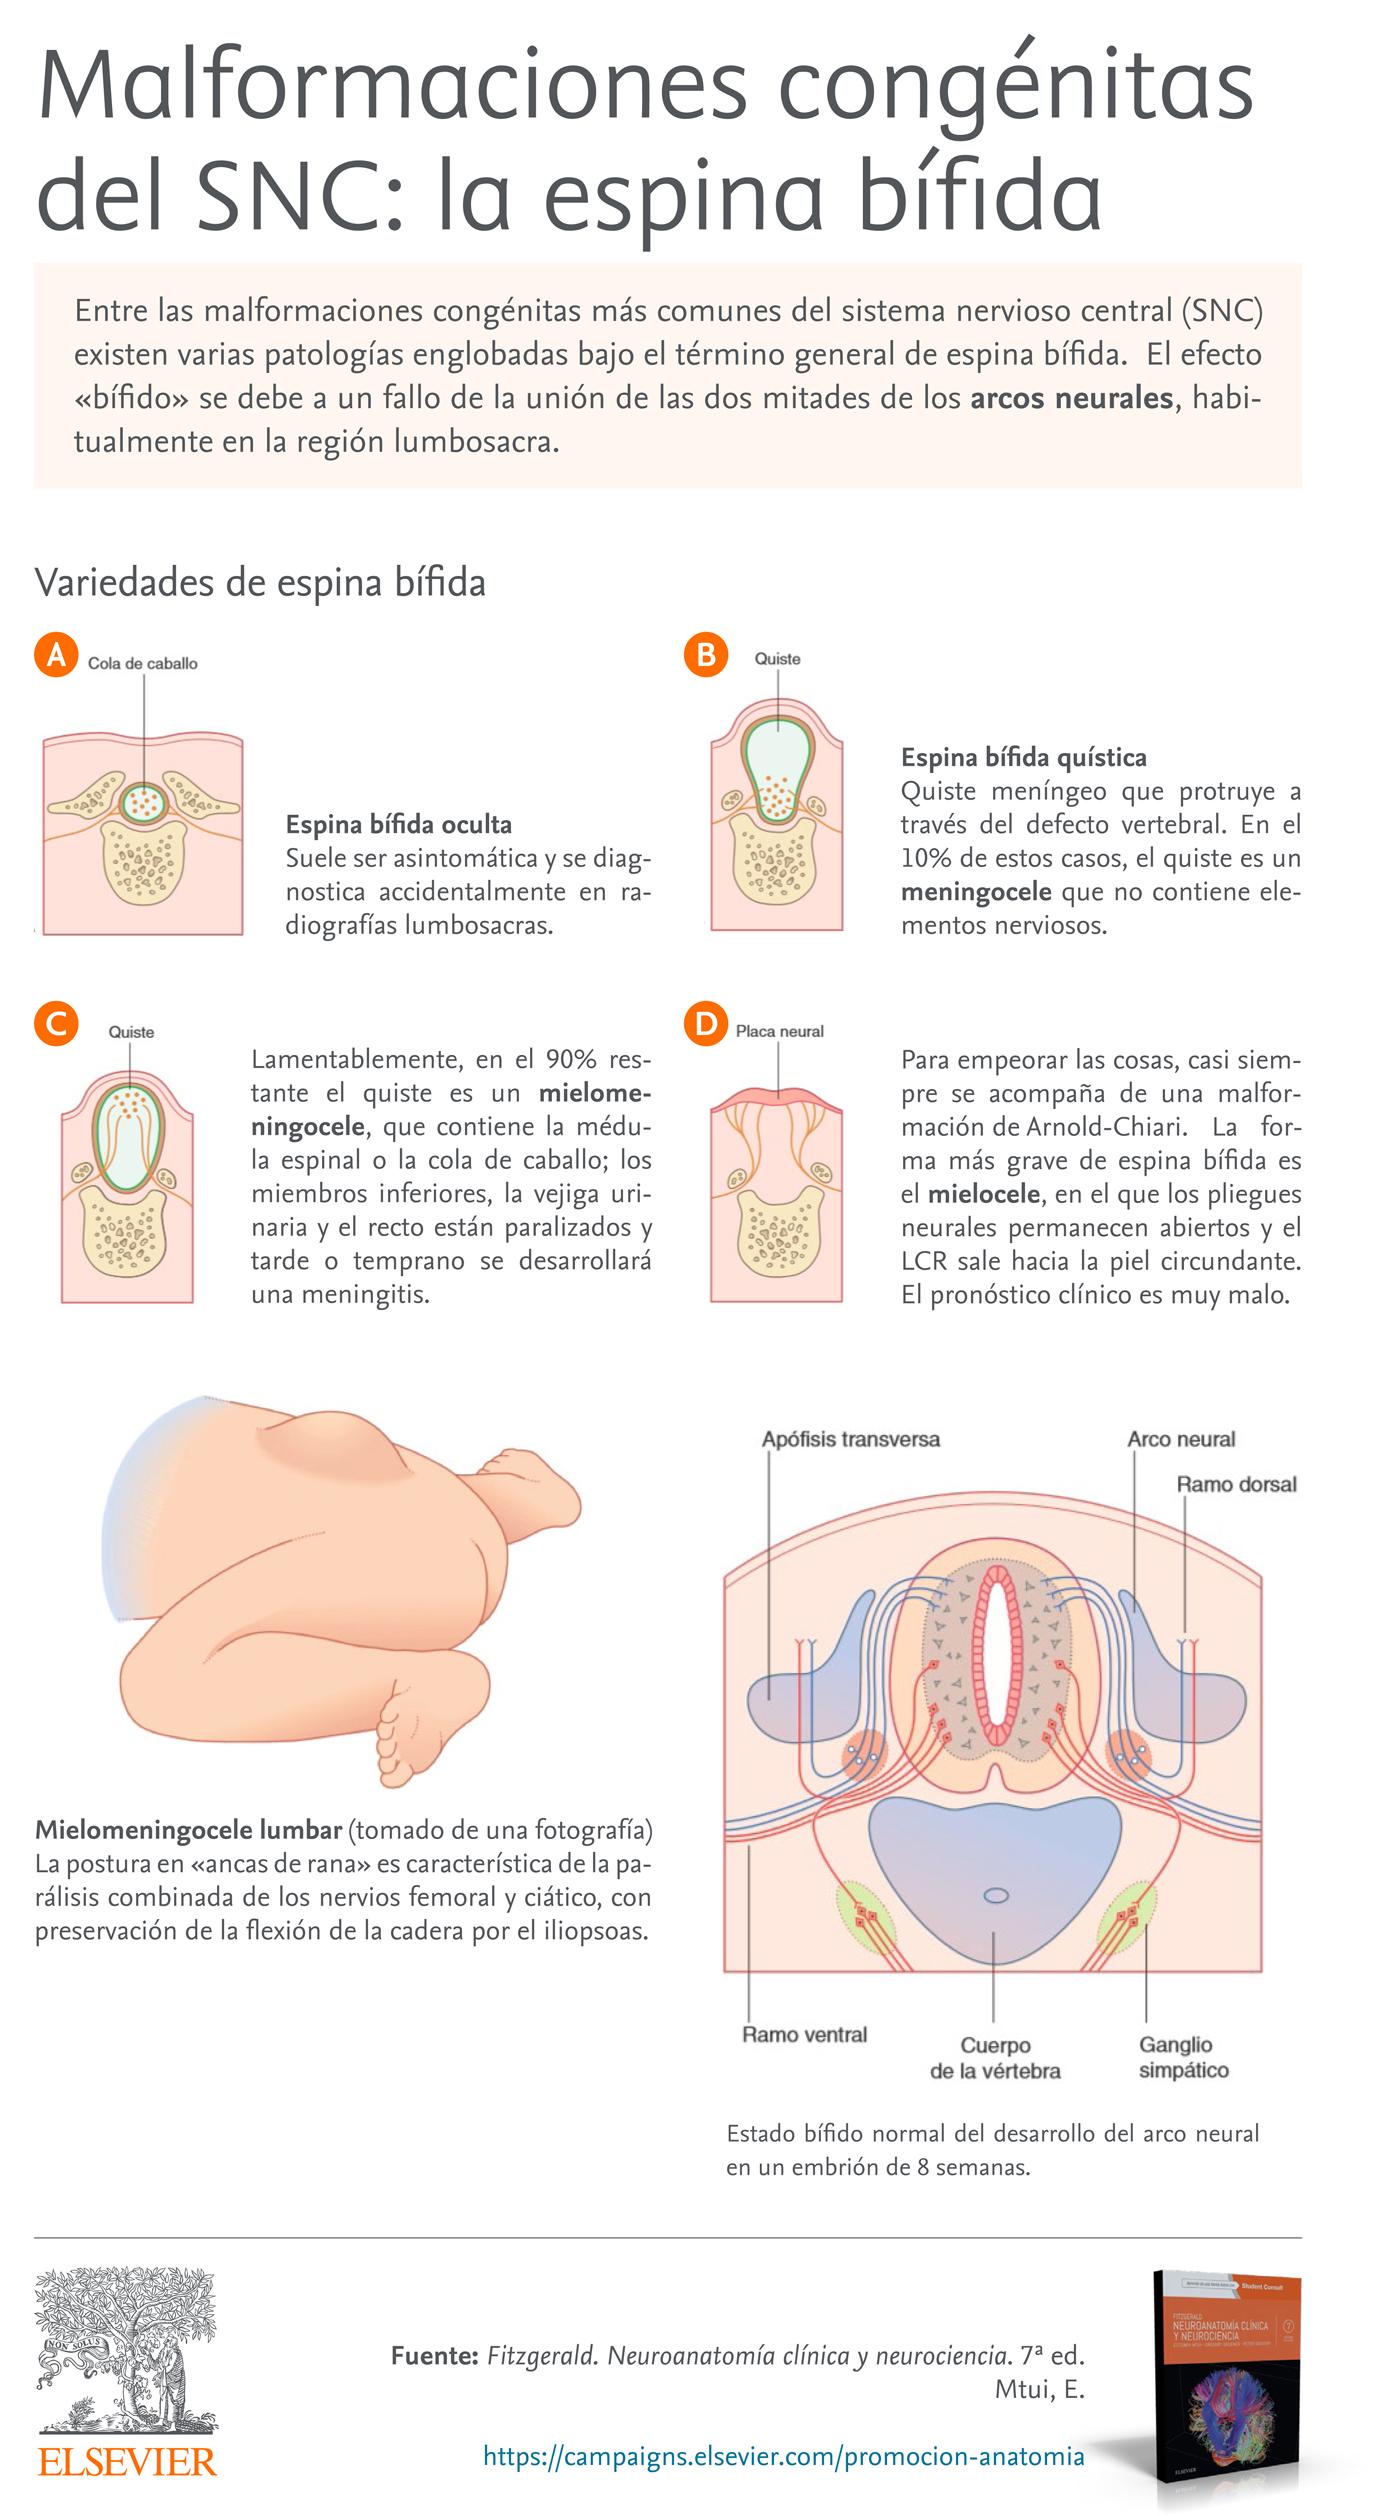 Apuntes de Anatomía. Malformaciones congénitas del SNC: la espina bífida